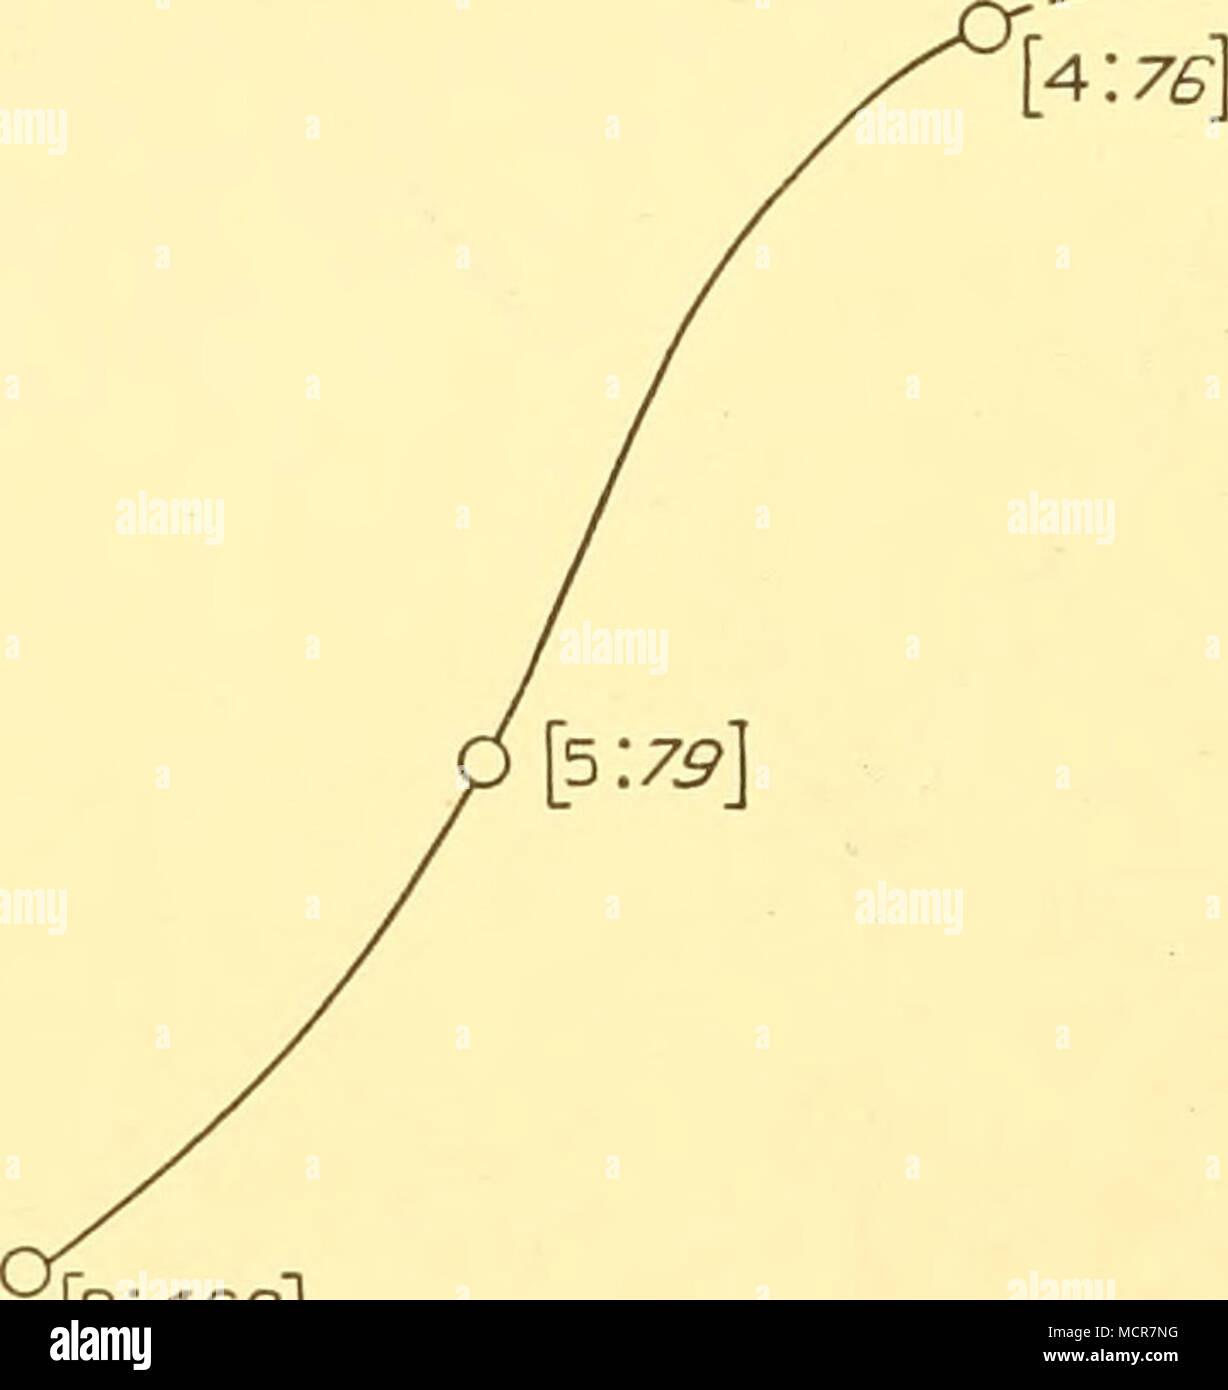 46 IN WIDE X 4YD LONG GREEN BURLAP